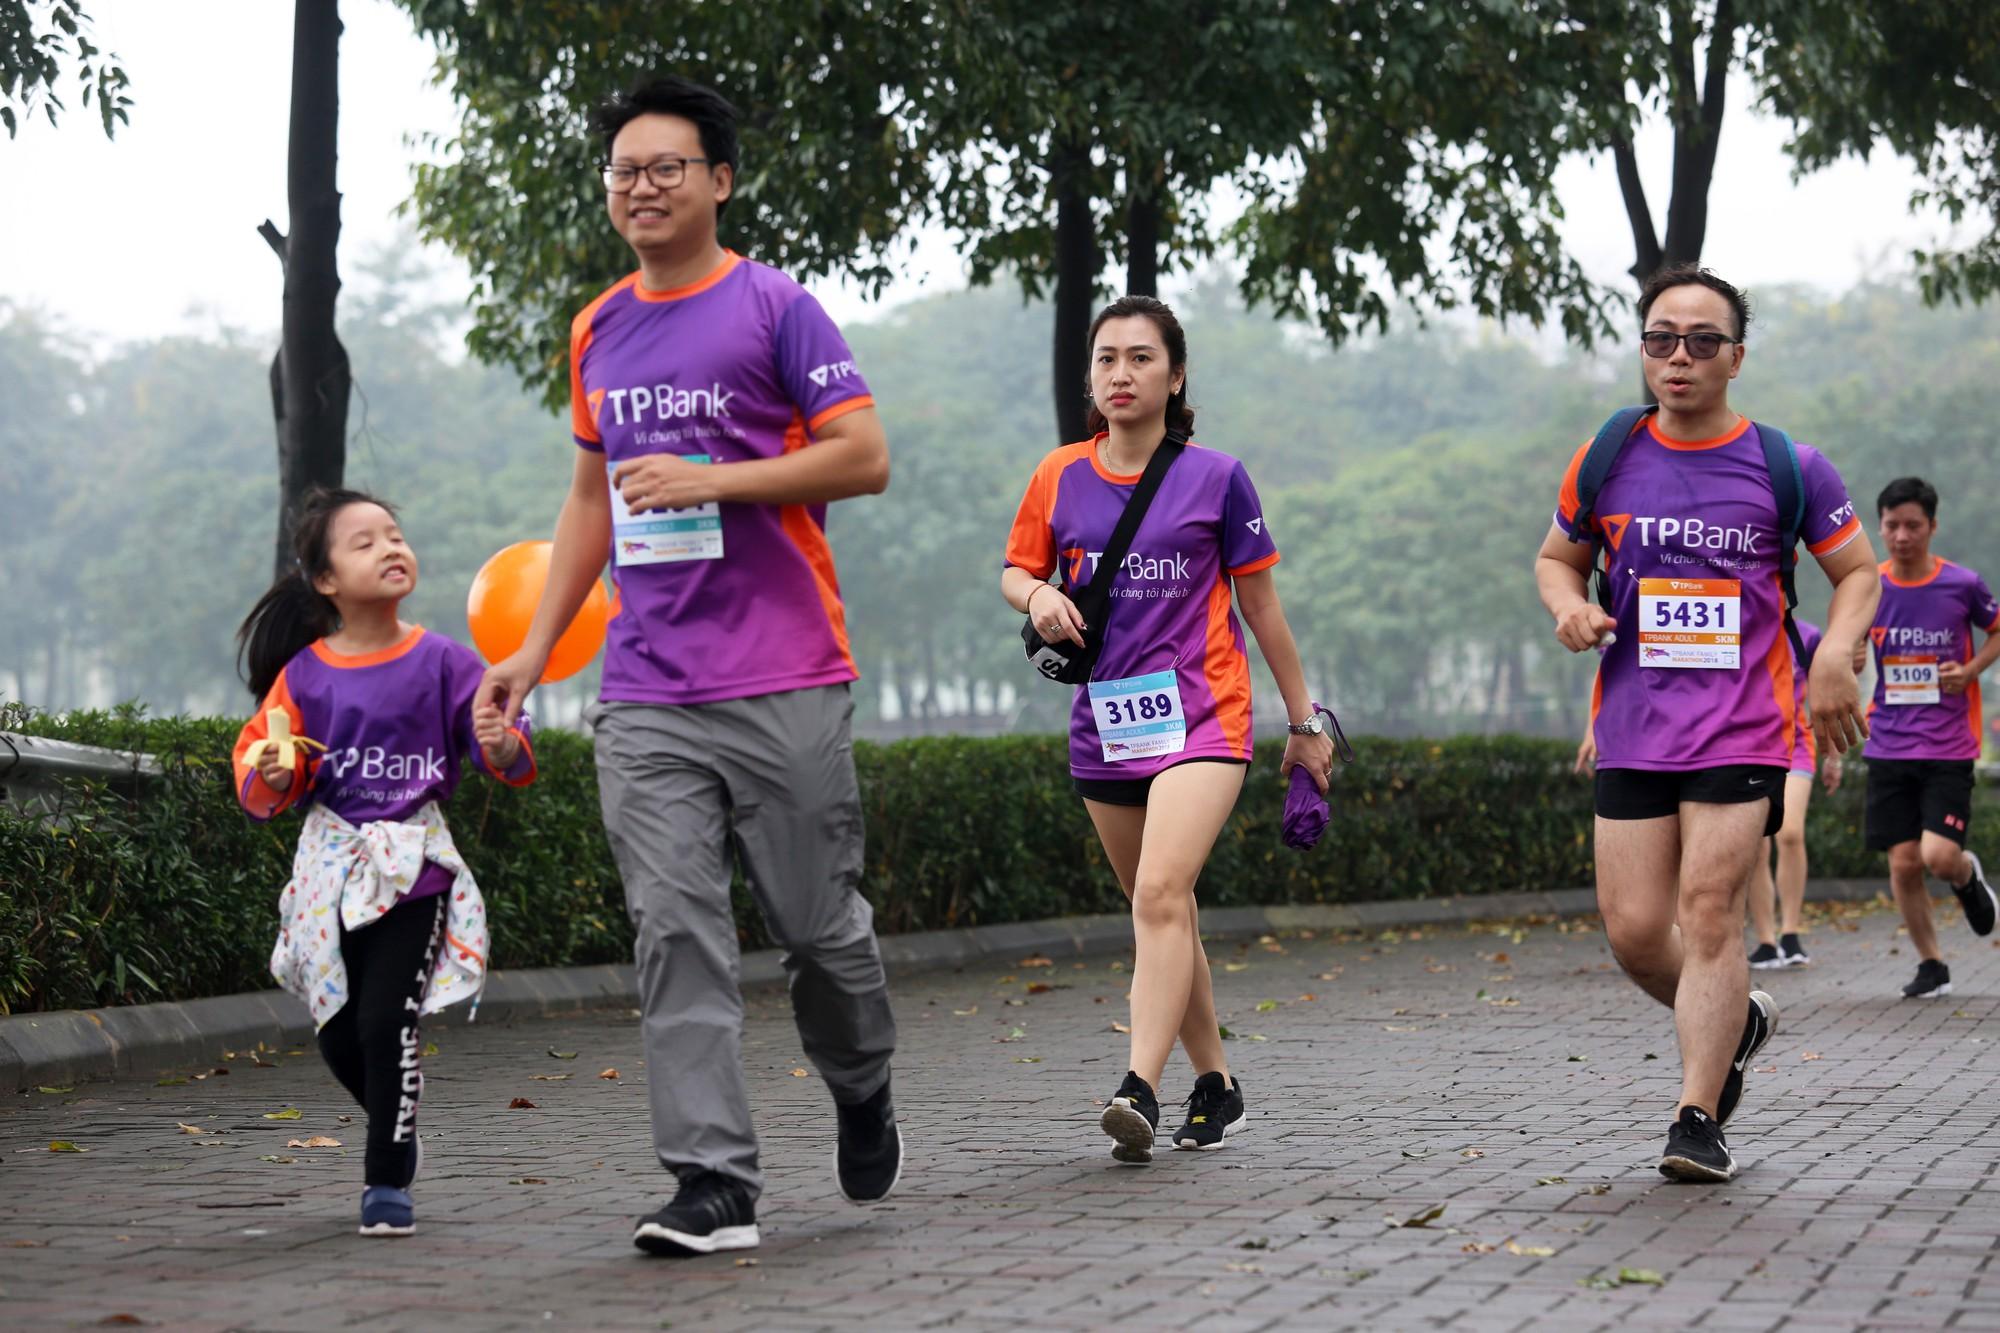 TPBank ra mắt CLB chạy với sự kiện 1.200 người tham dự - Ảnh 8.